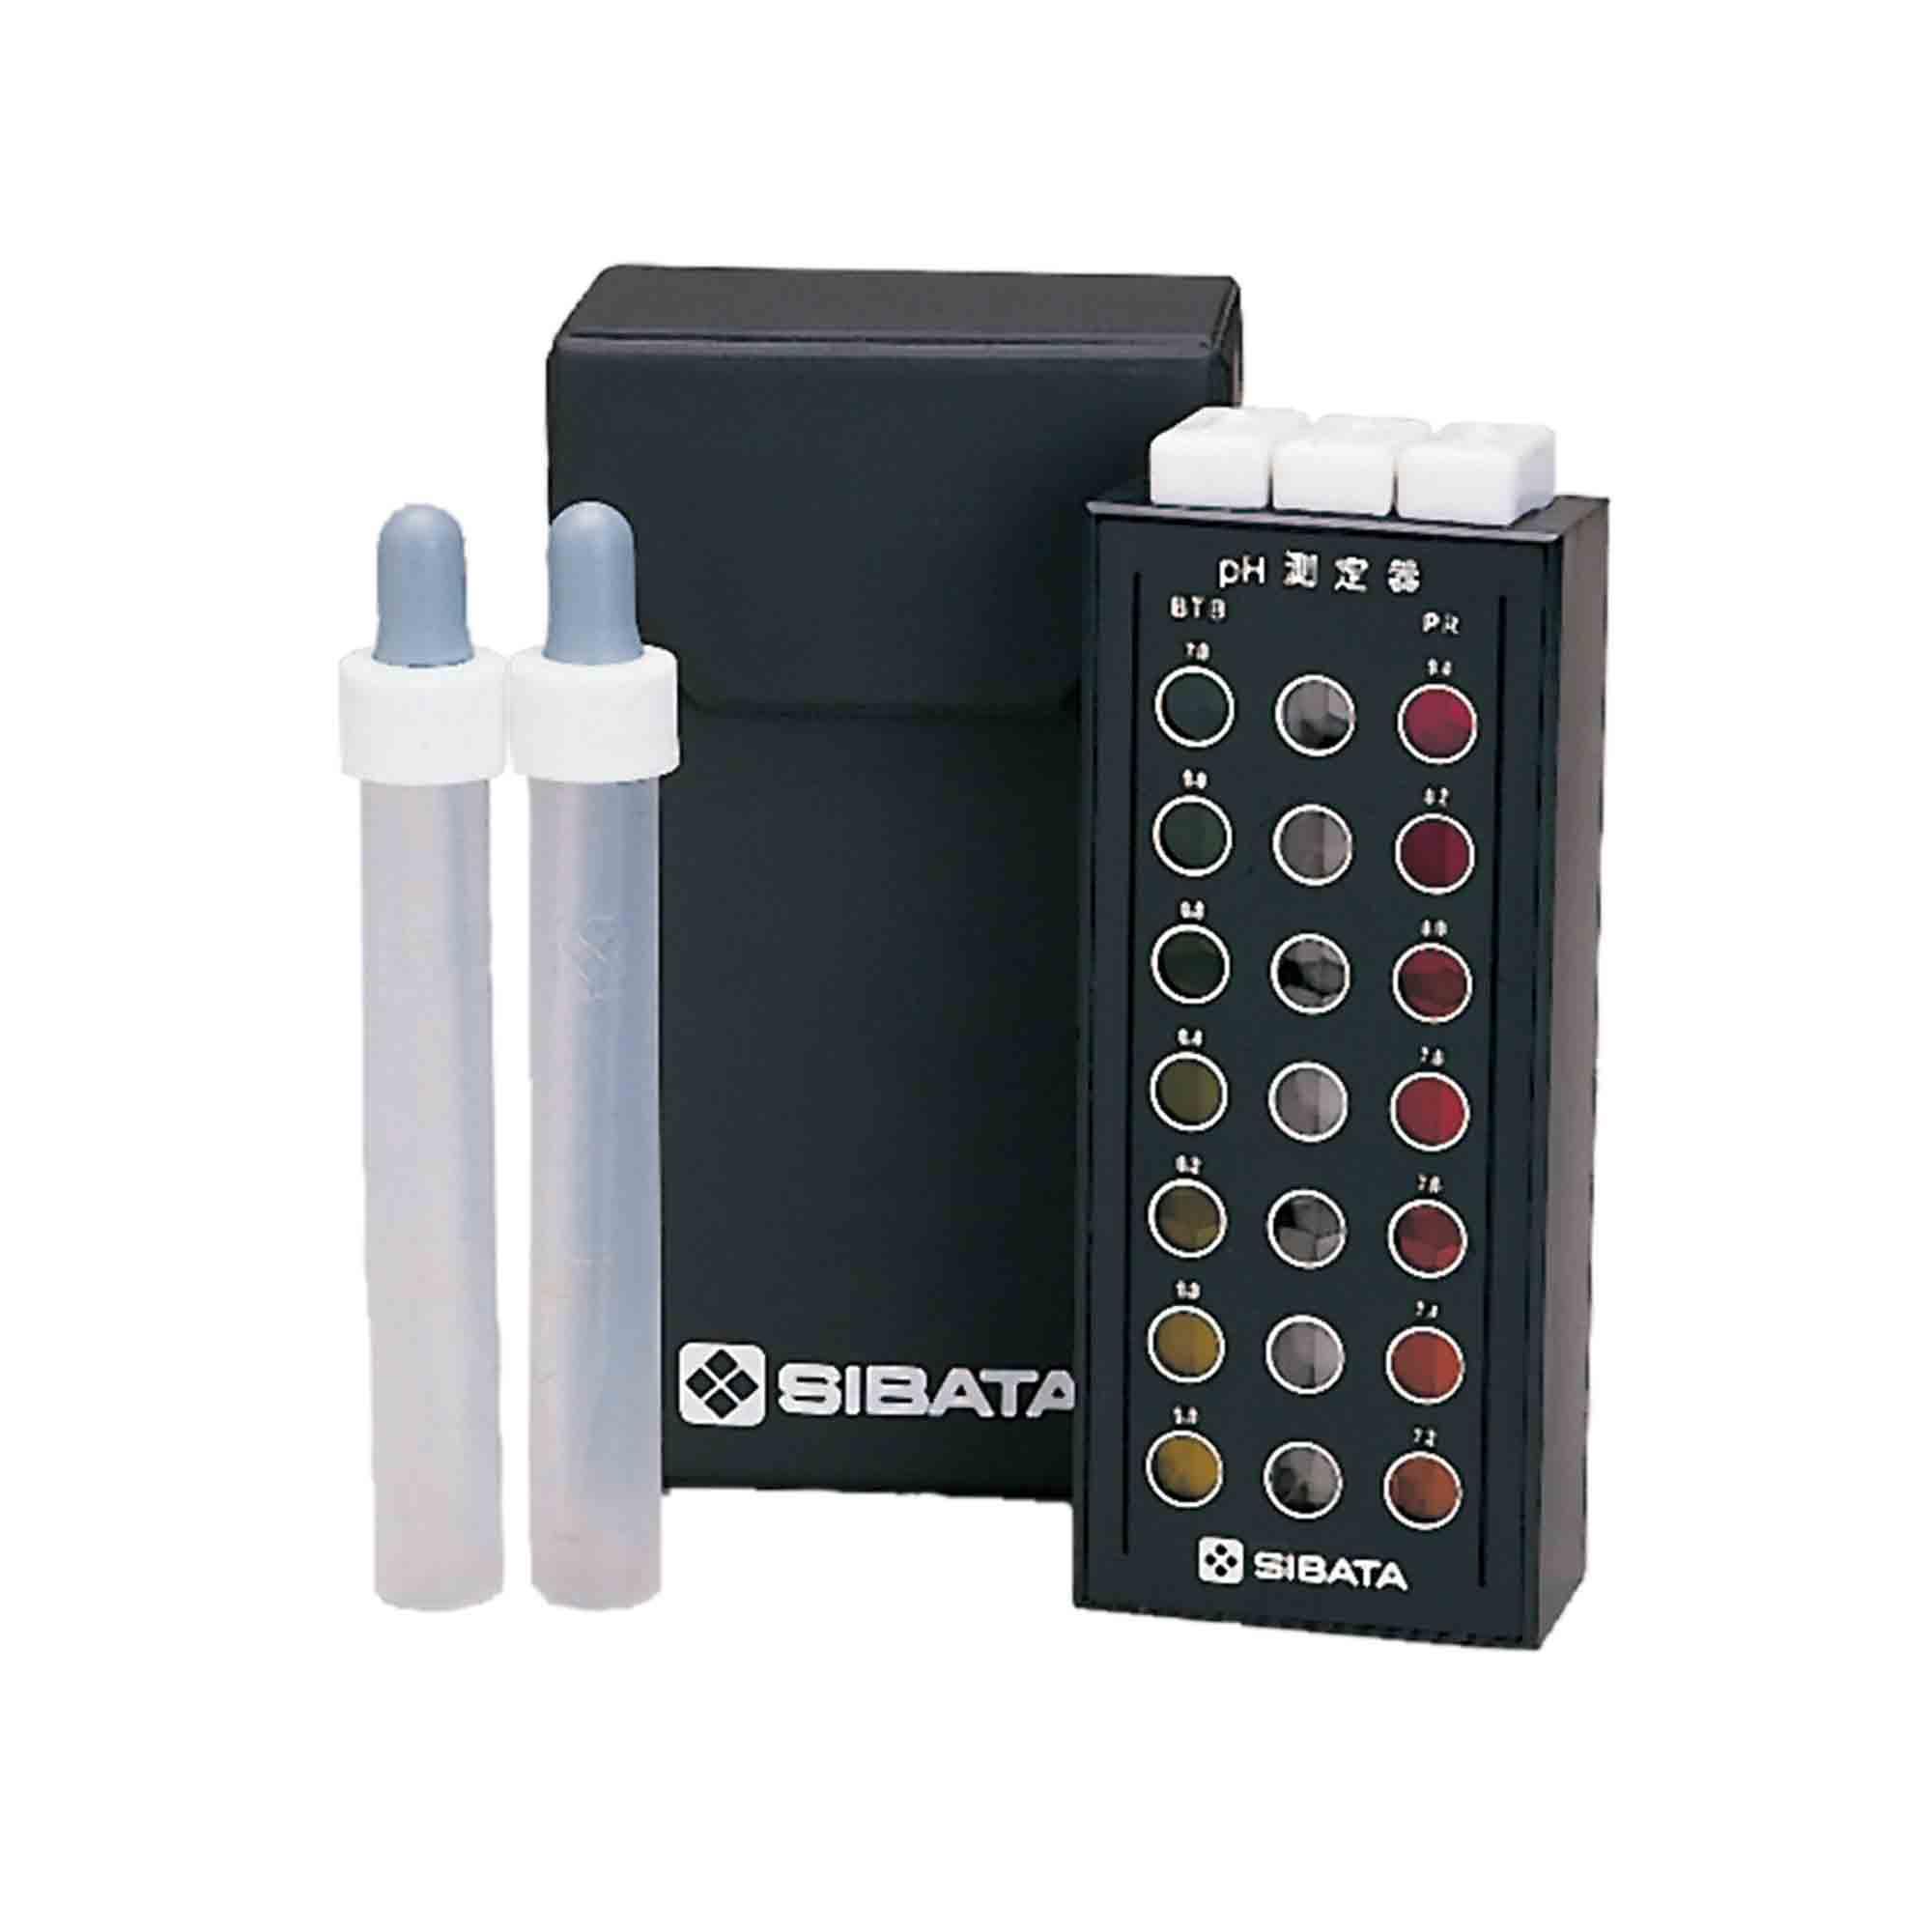 水のpH簡易測定器